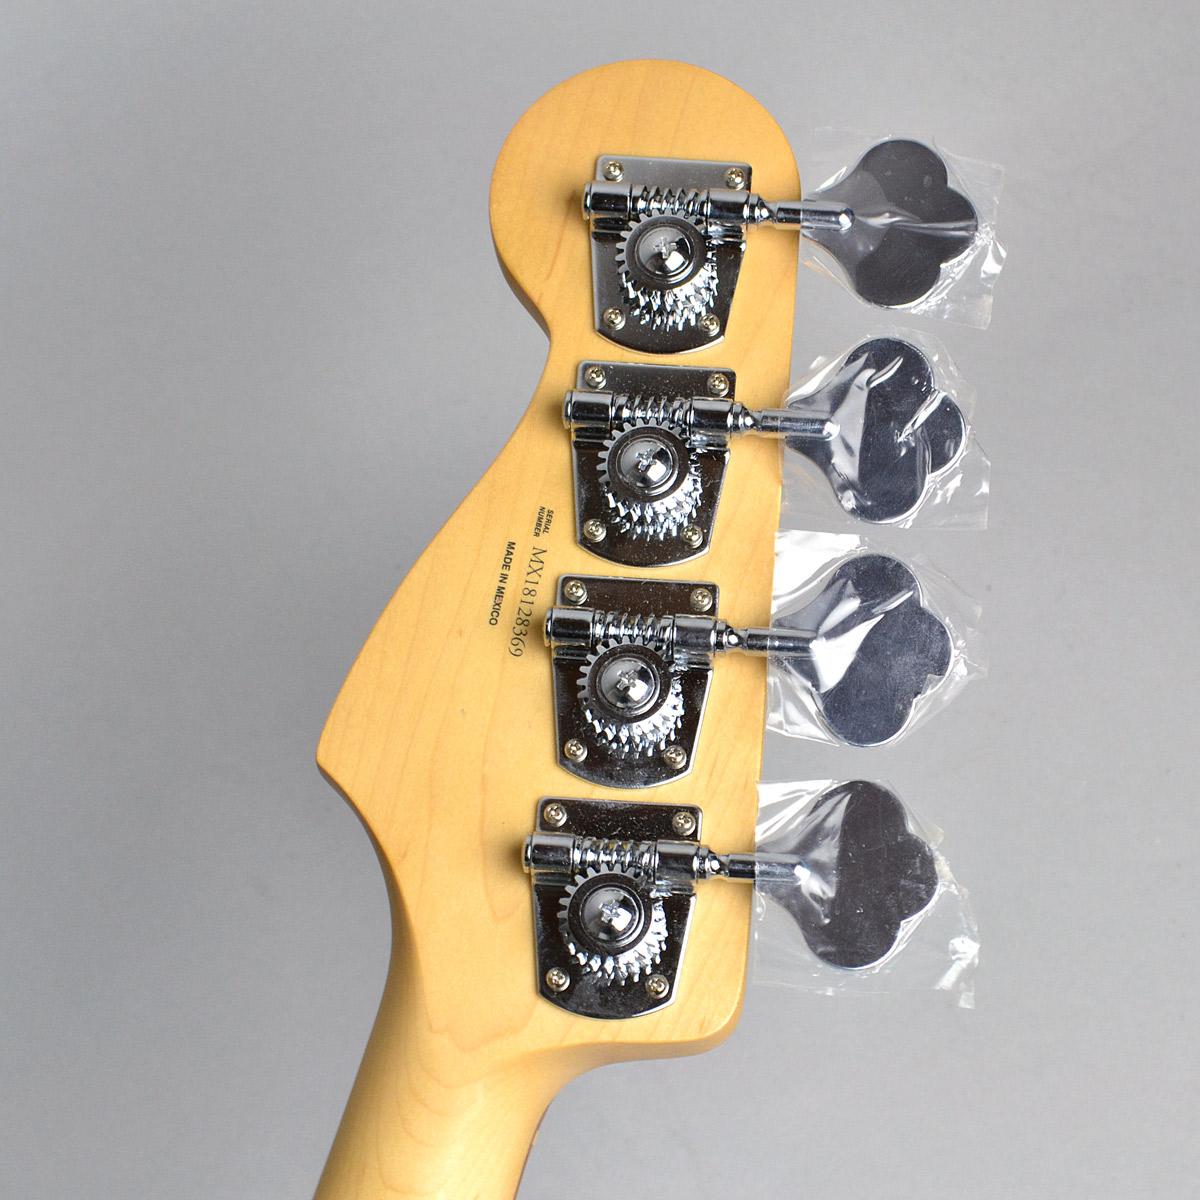 Deluxe Active Jazz Bassのヘッド裏-アップ画像